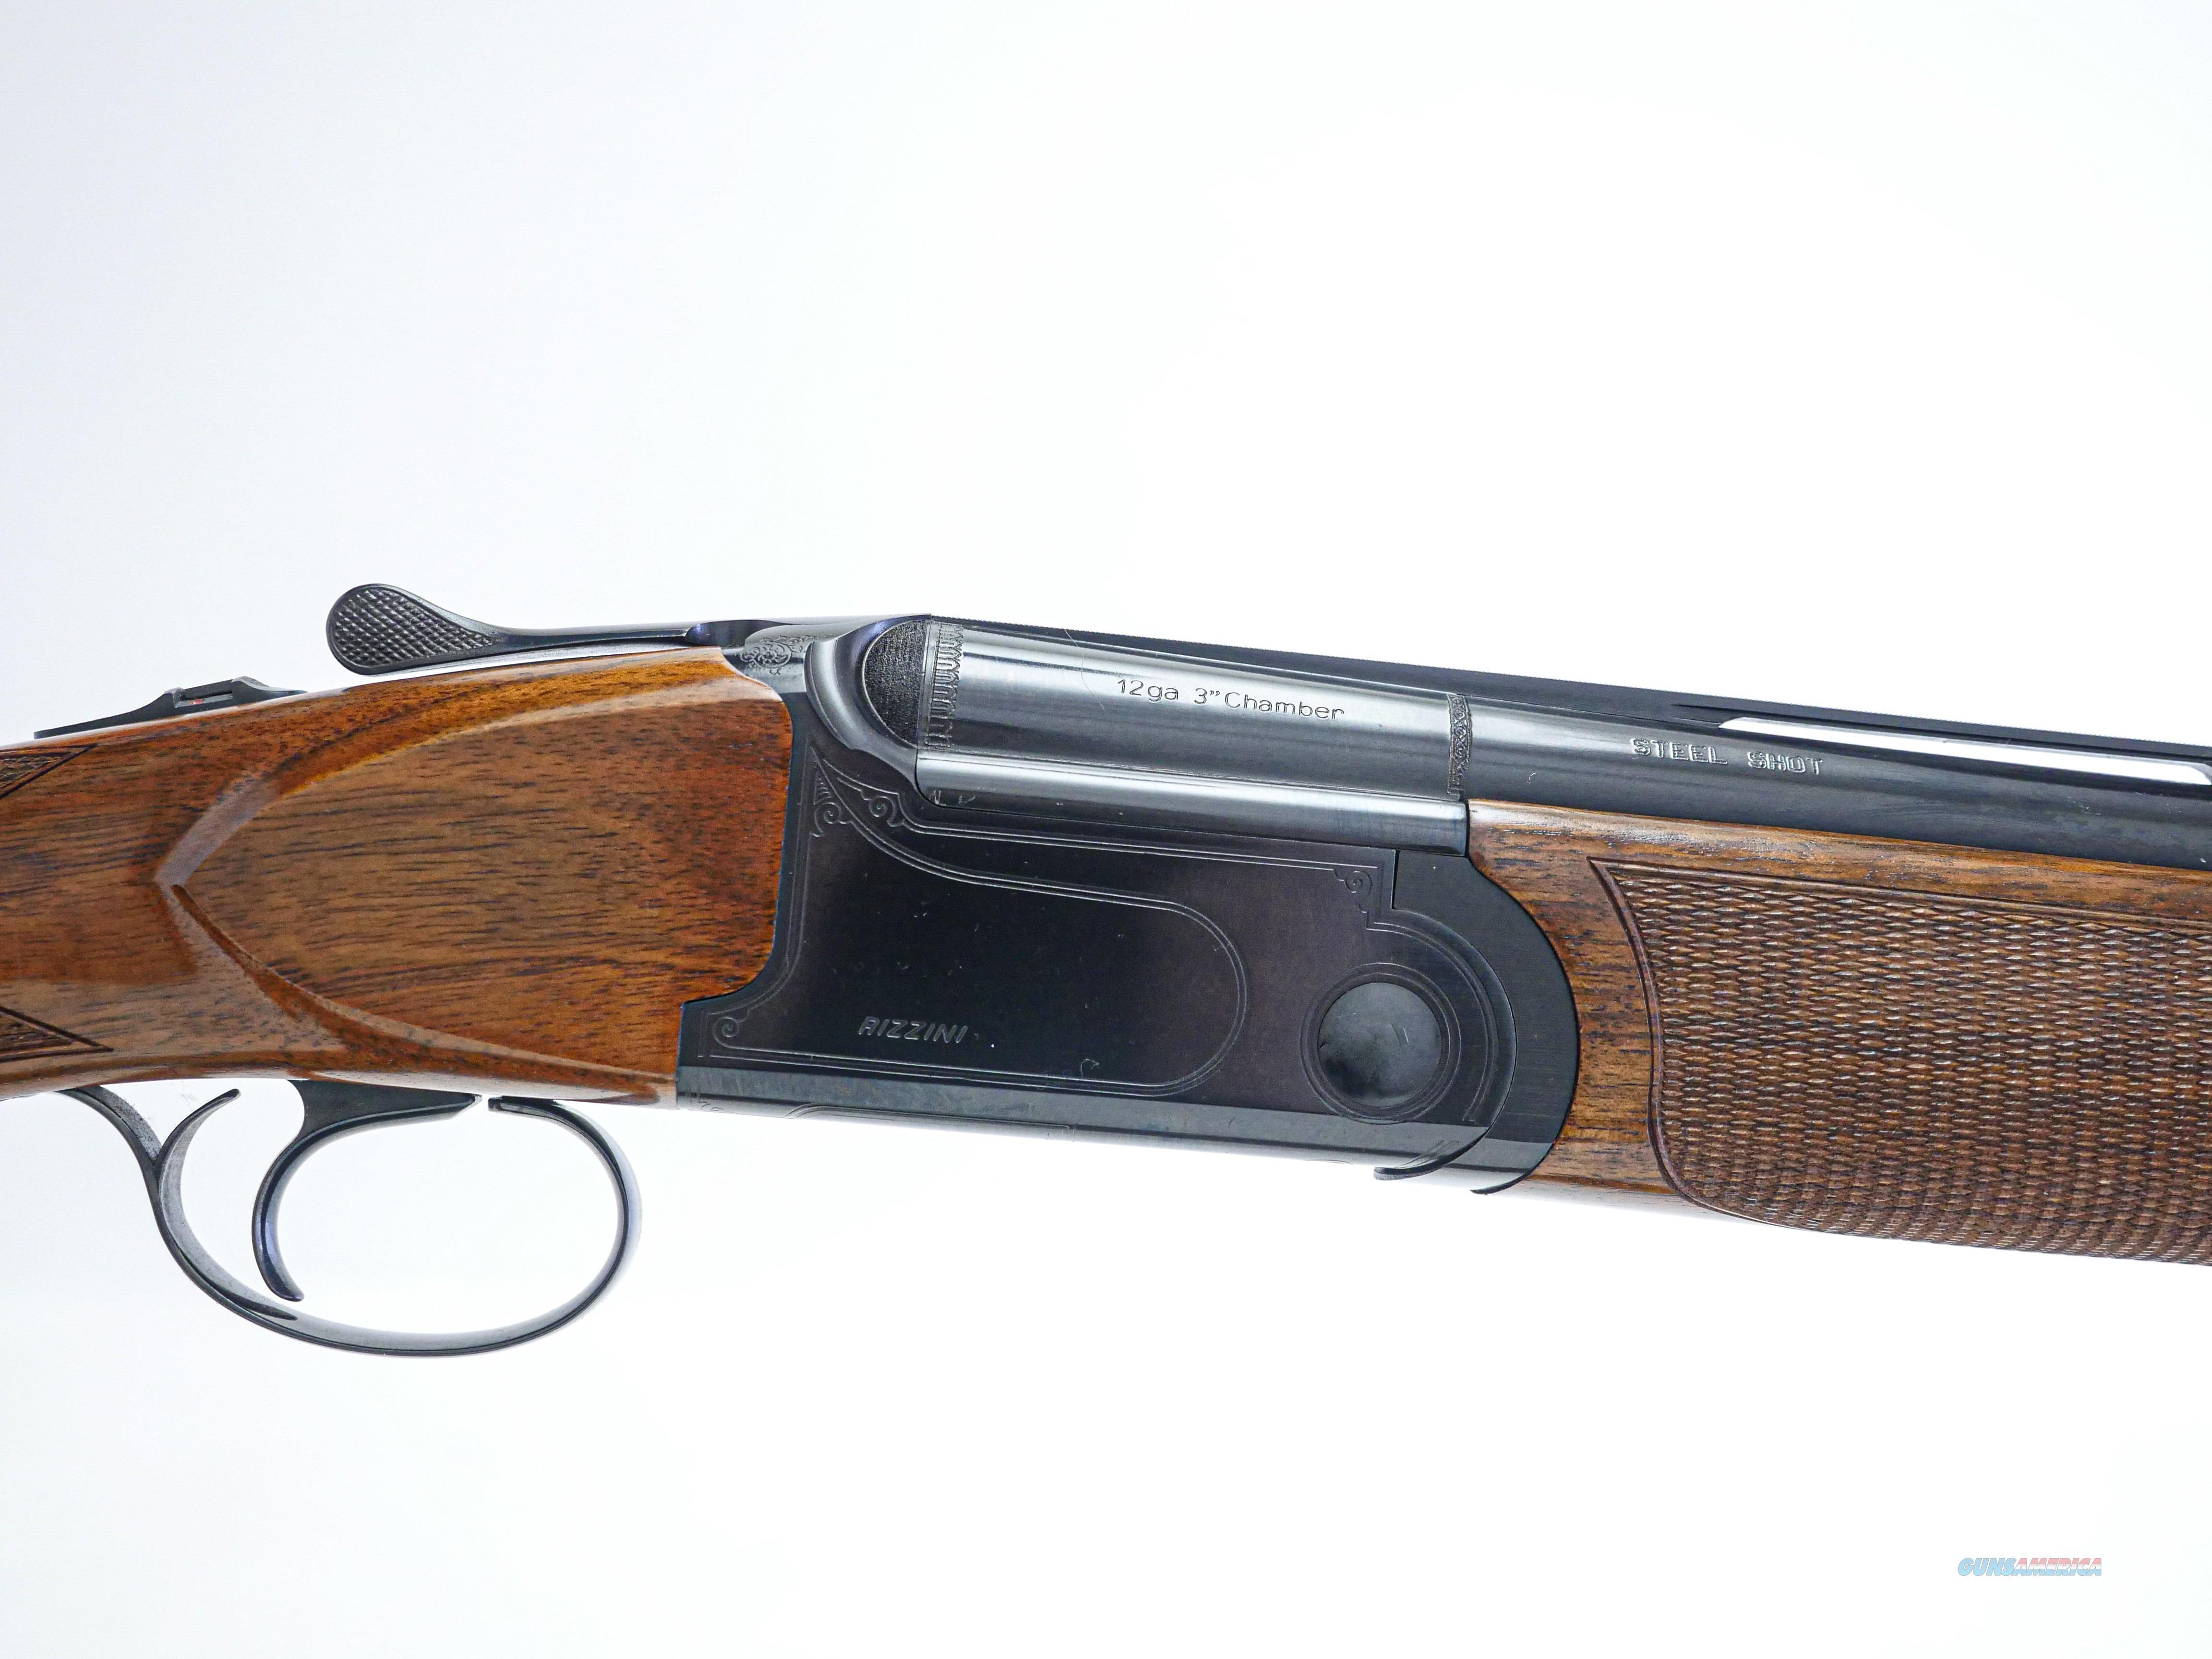 """B. Rizzini - Omnium, 12ga. 32"""" Barrels. #17630  Guns > Shotguns > Rizzini Shotguns"""